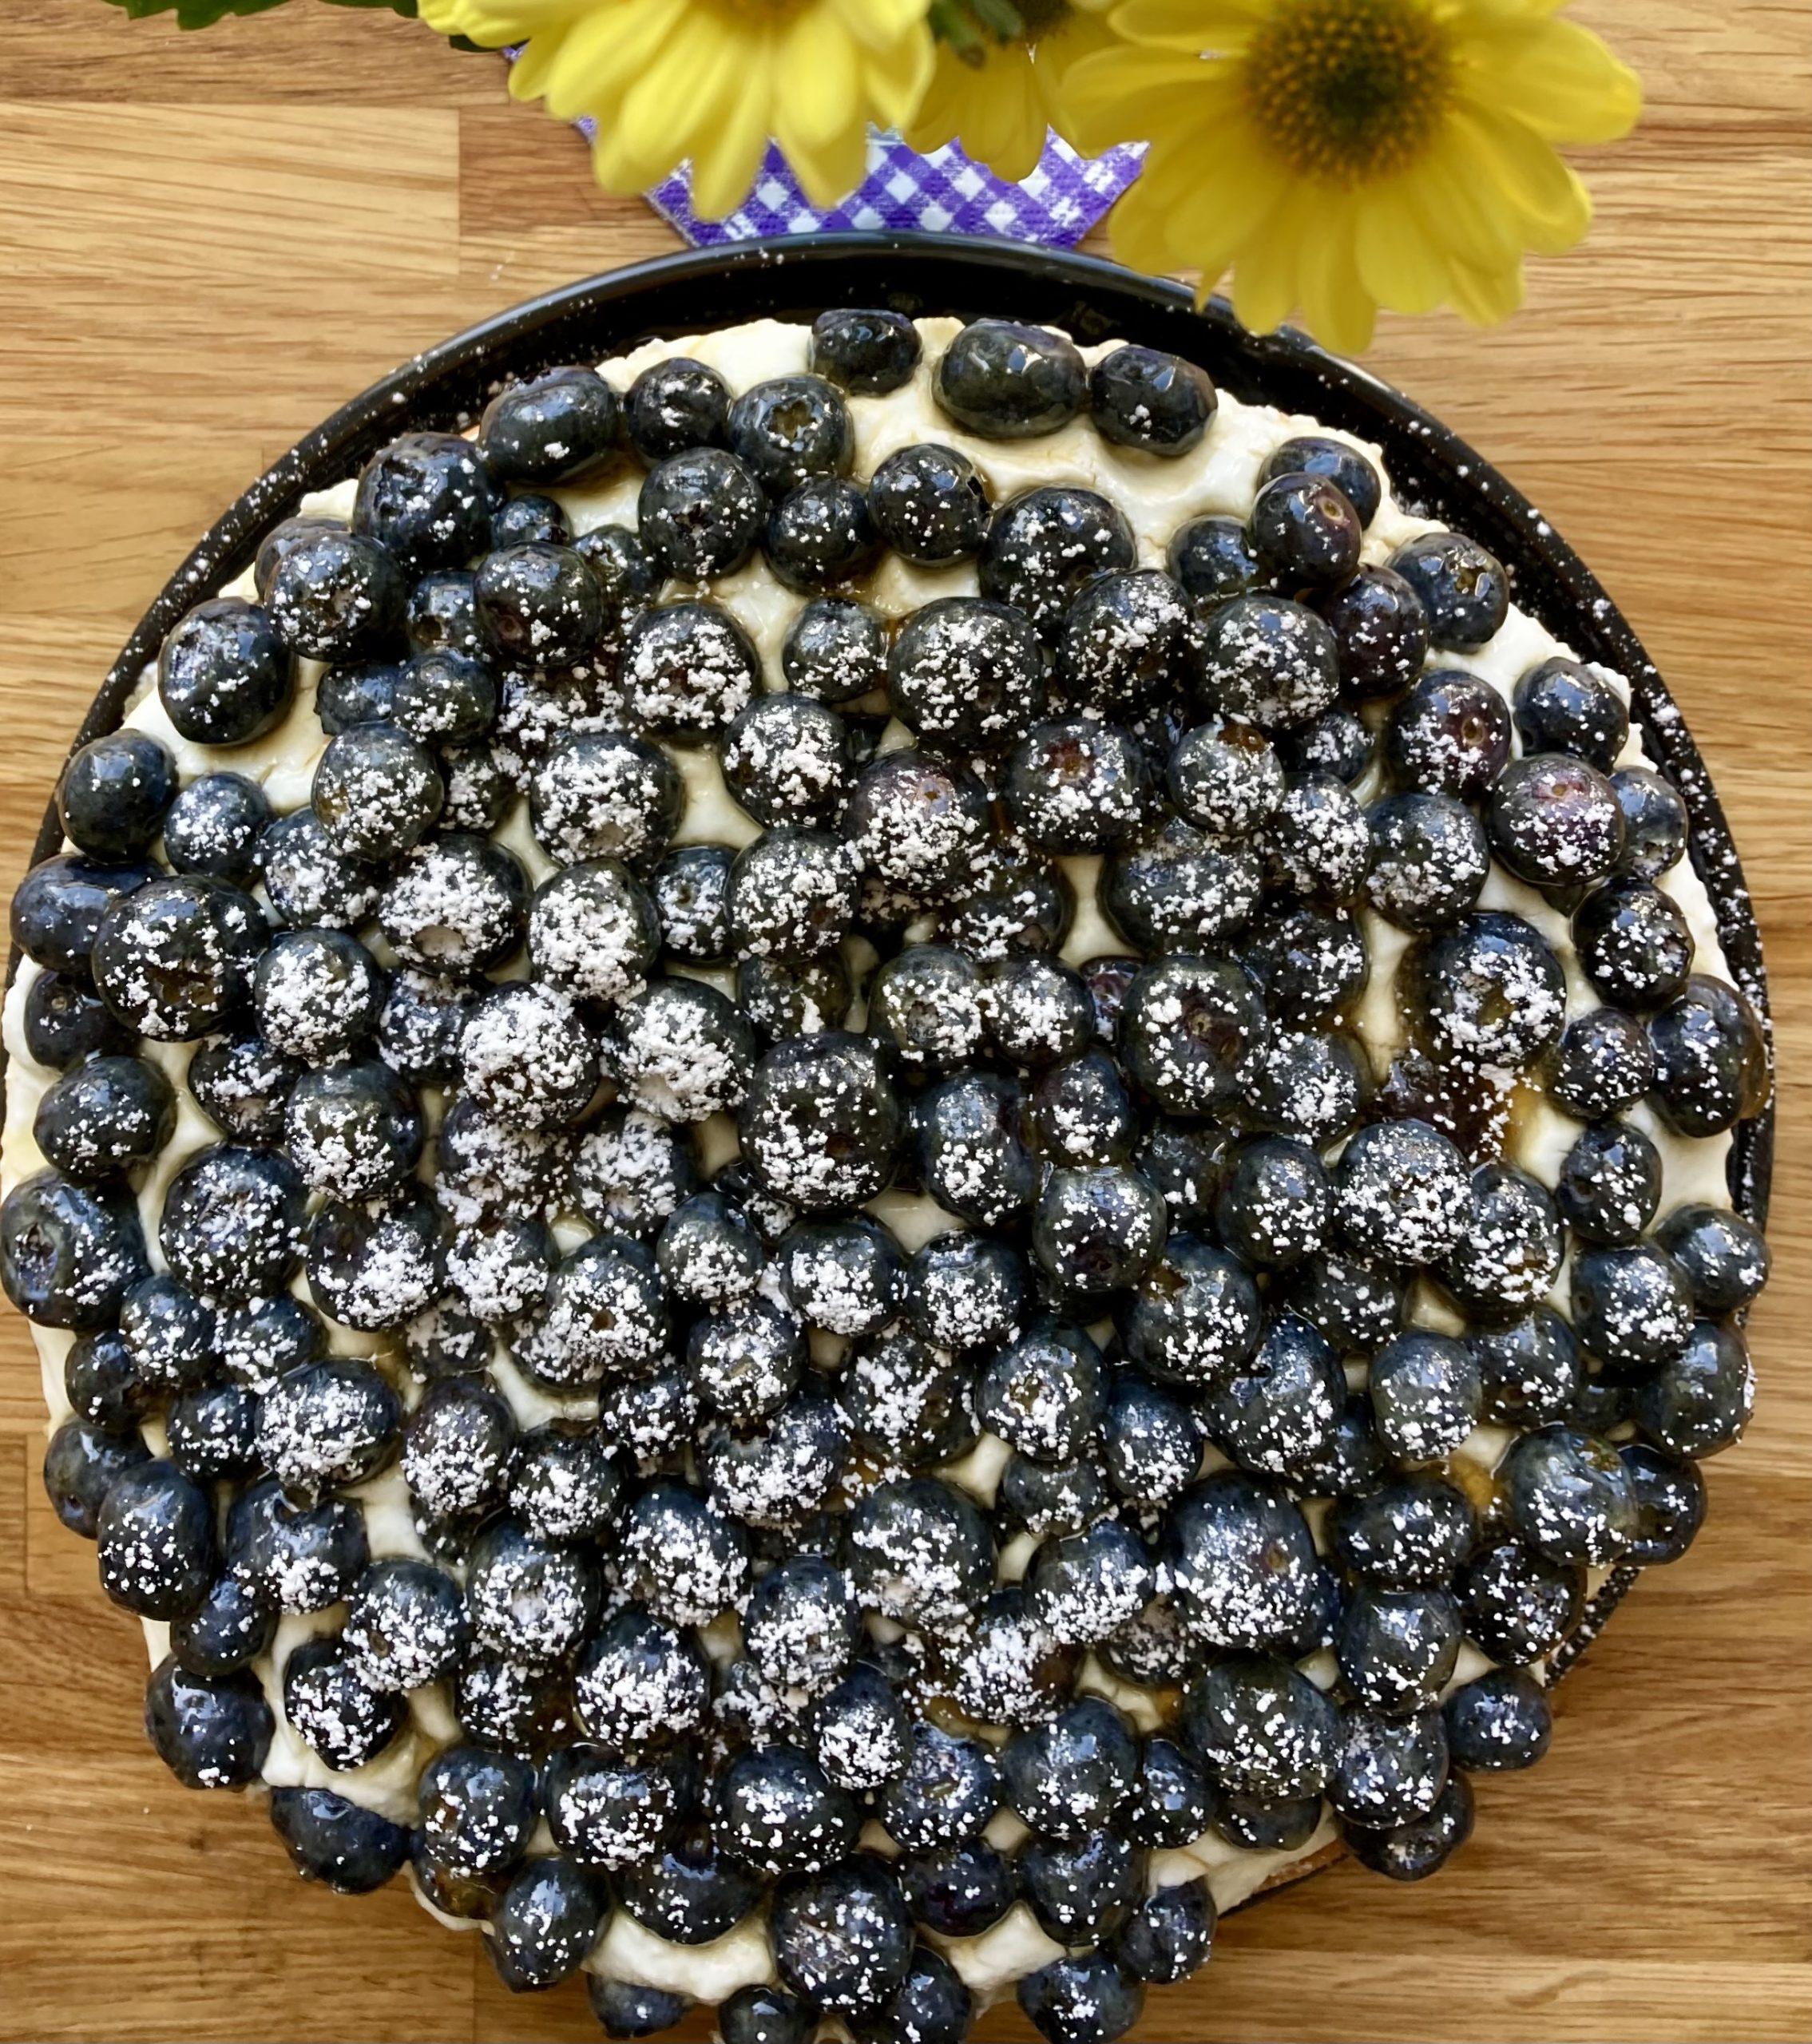 Martina's Fantasy Blueberry Cake